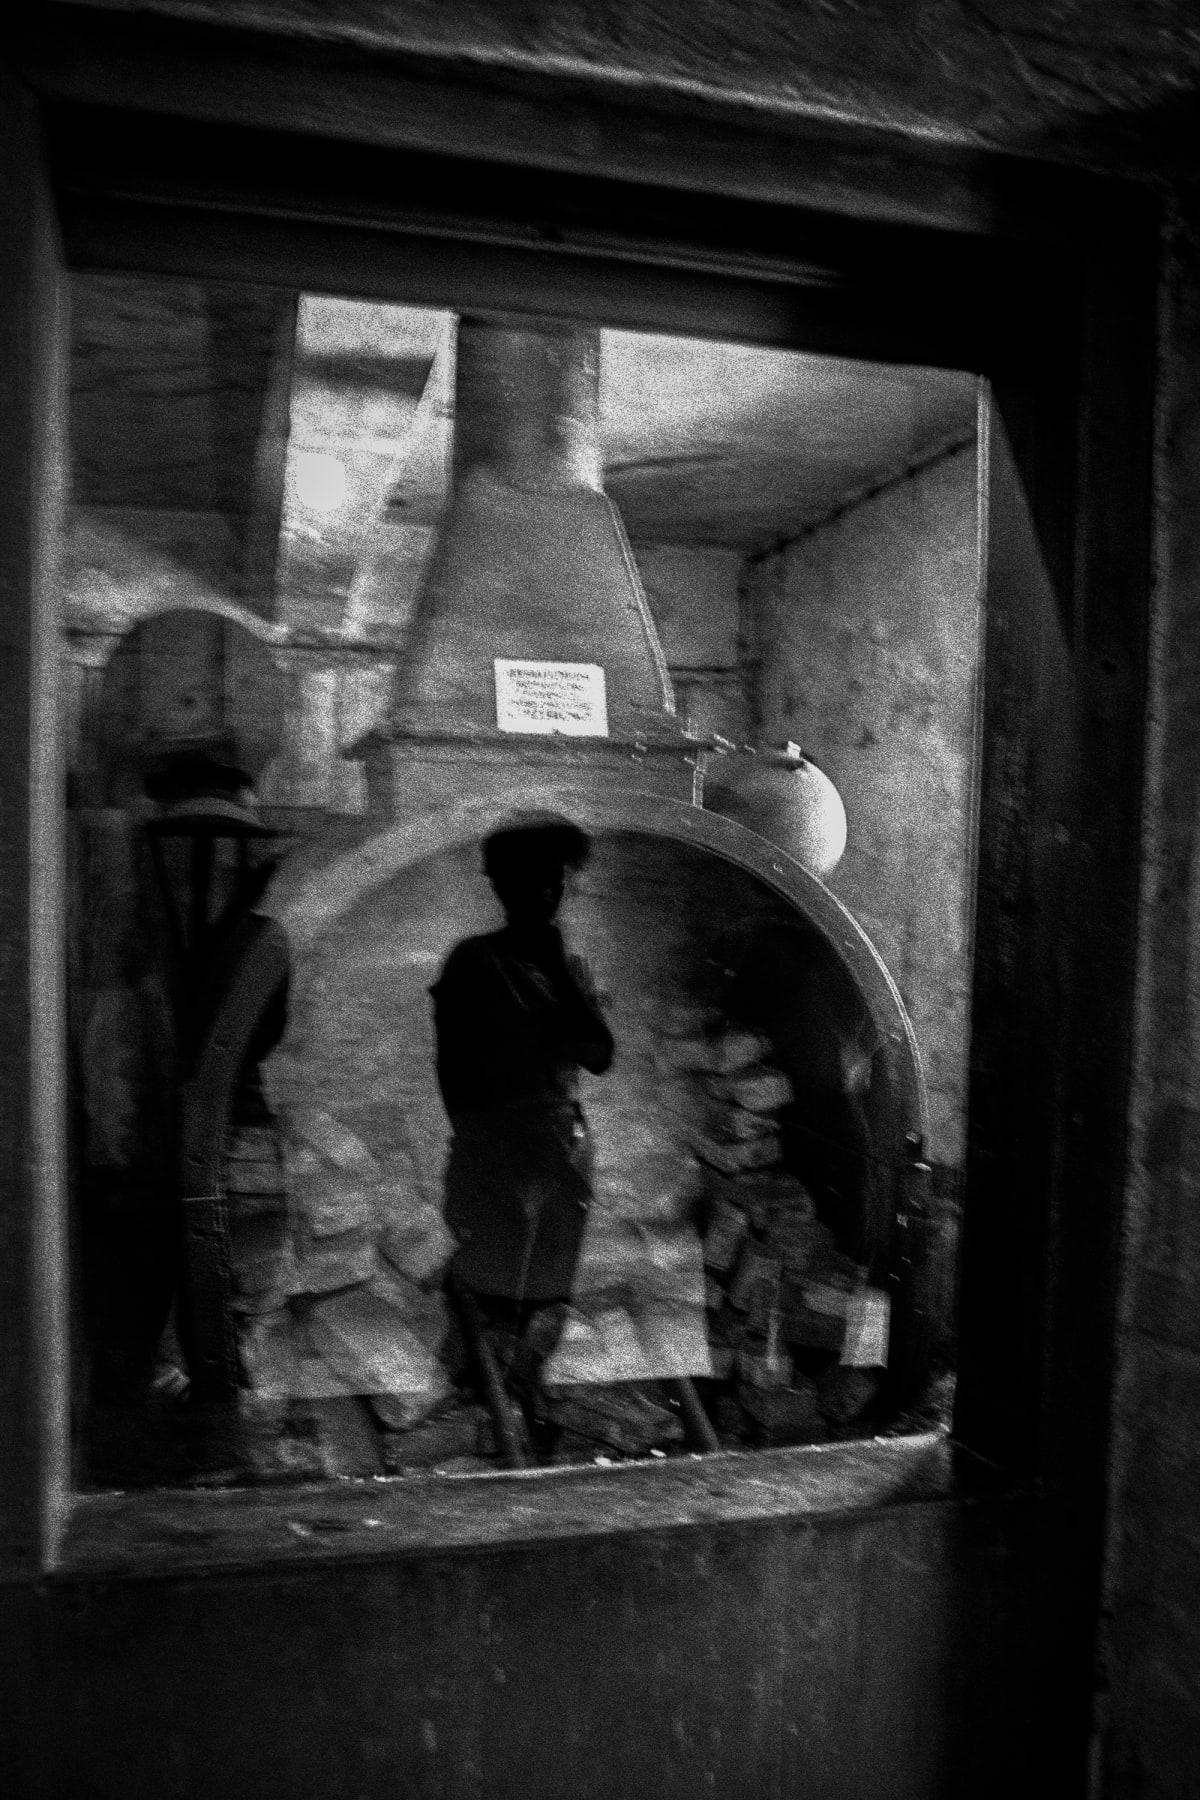 """Judy Glickman Lauder Crematory oven, Auschwitz extermination camp, Poland, 2018 Archival Pigment print 18 x 22"""""""